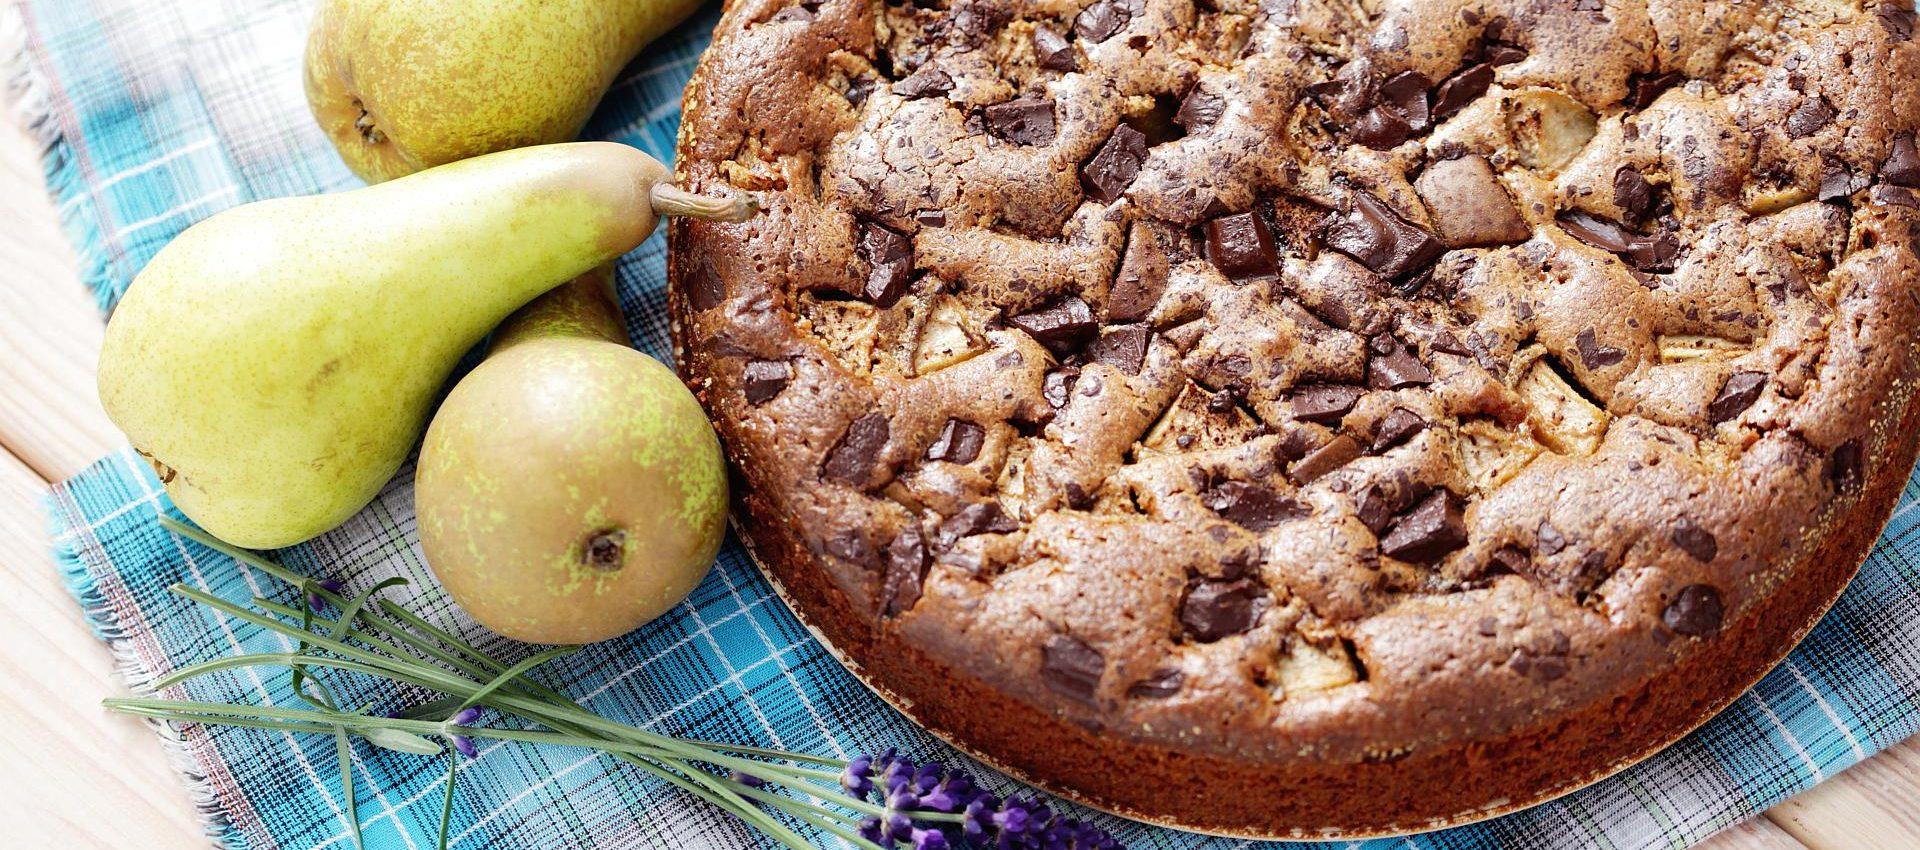 Čokoladna torta s kruškama